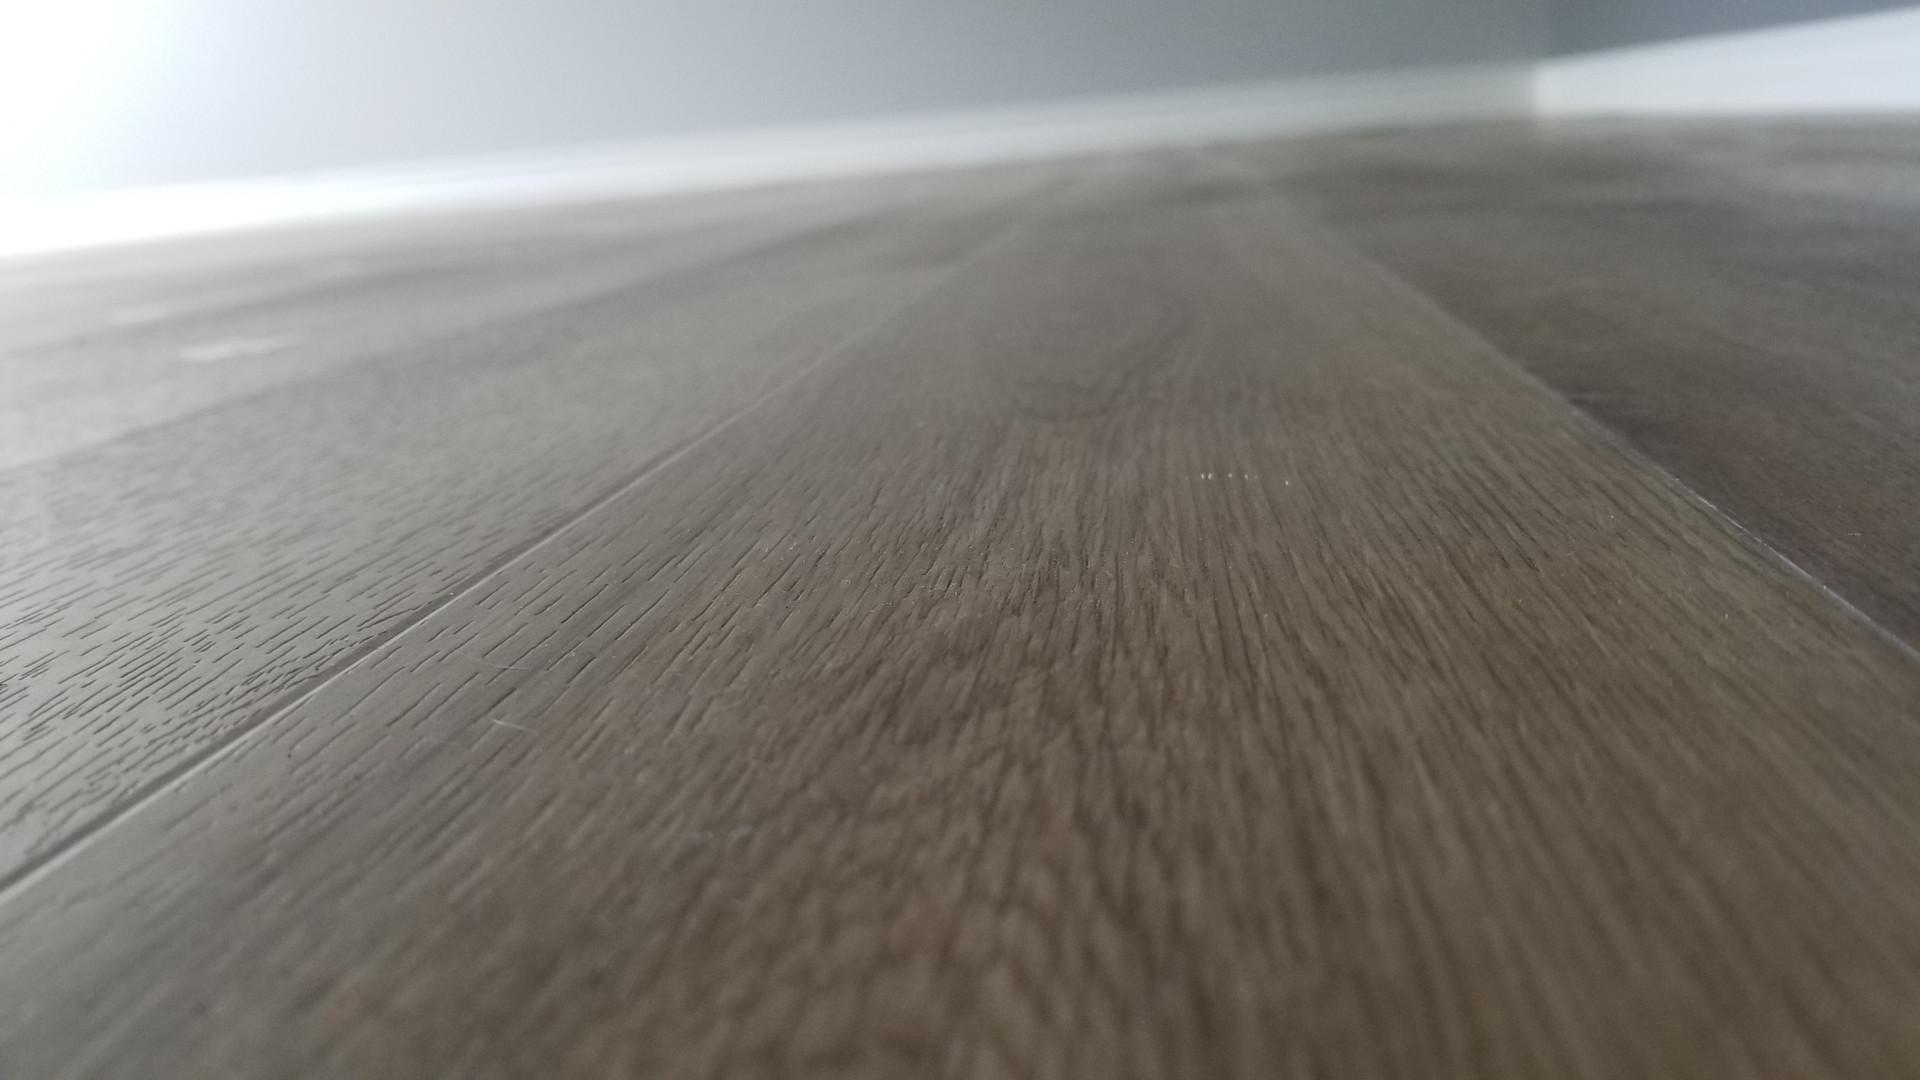 Vinyl Plank Install Up Close